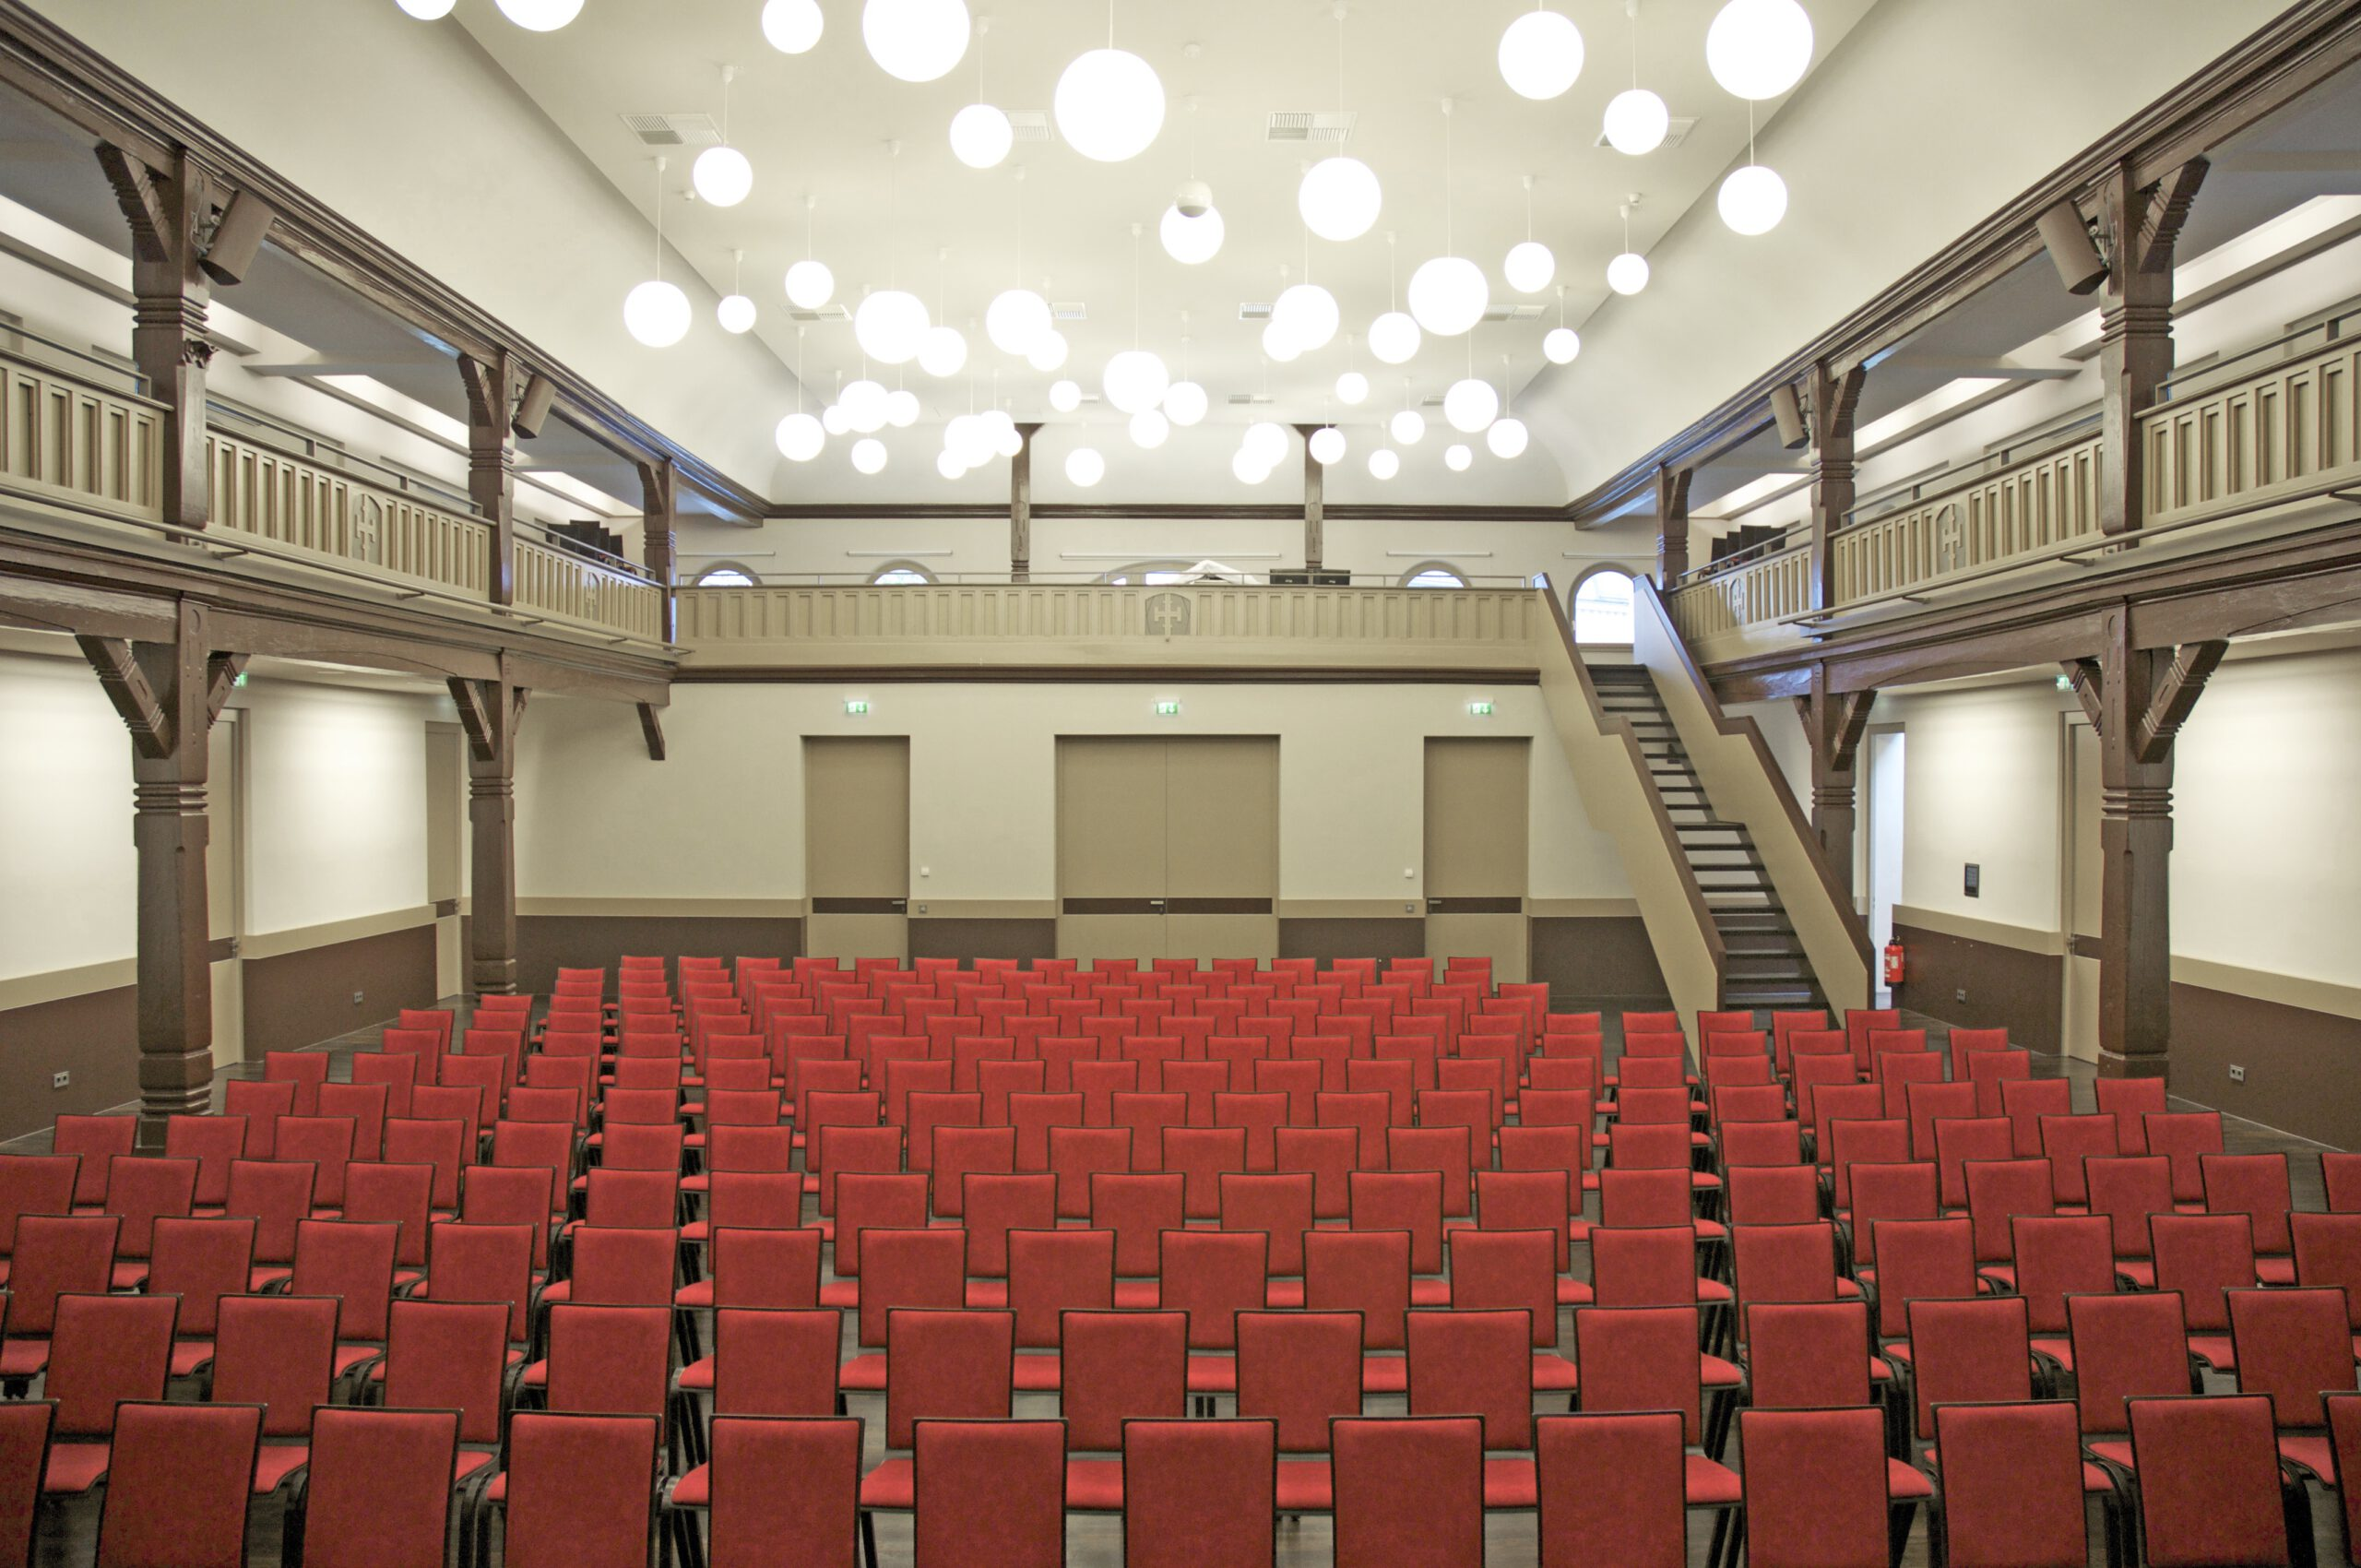 Kultur und Bürgerforum Neustadt a.d. Aisch Arkade